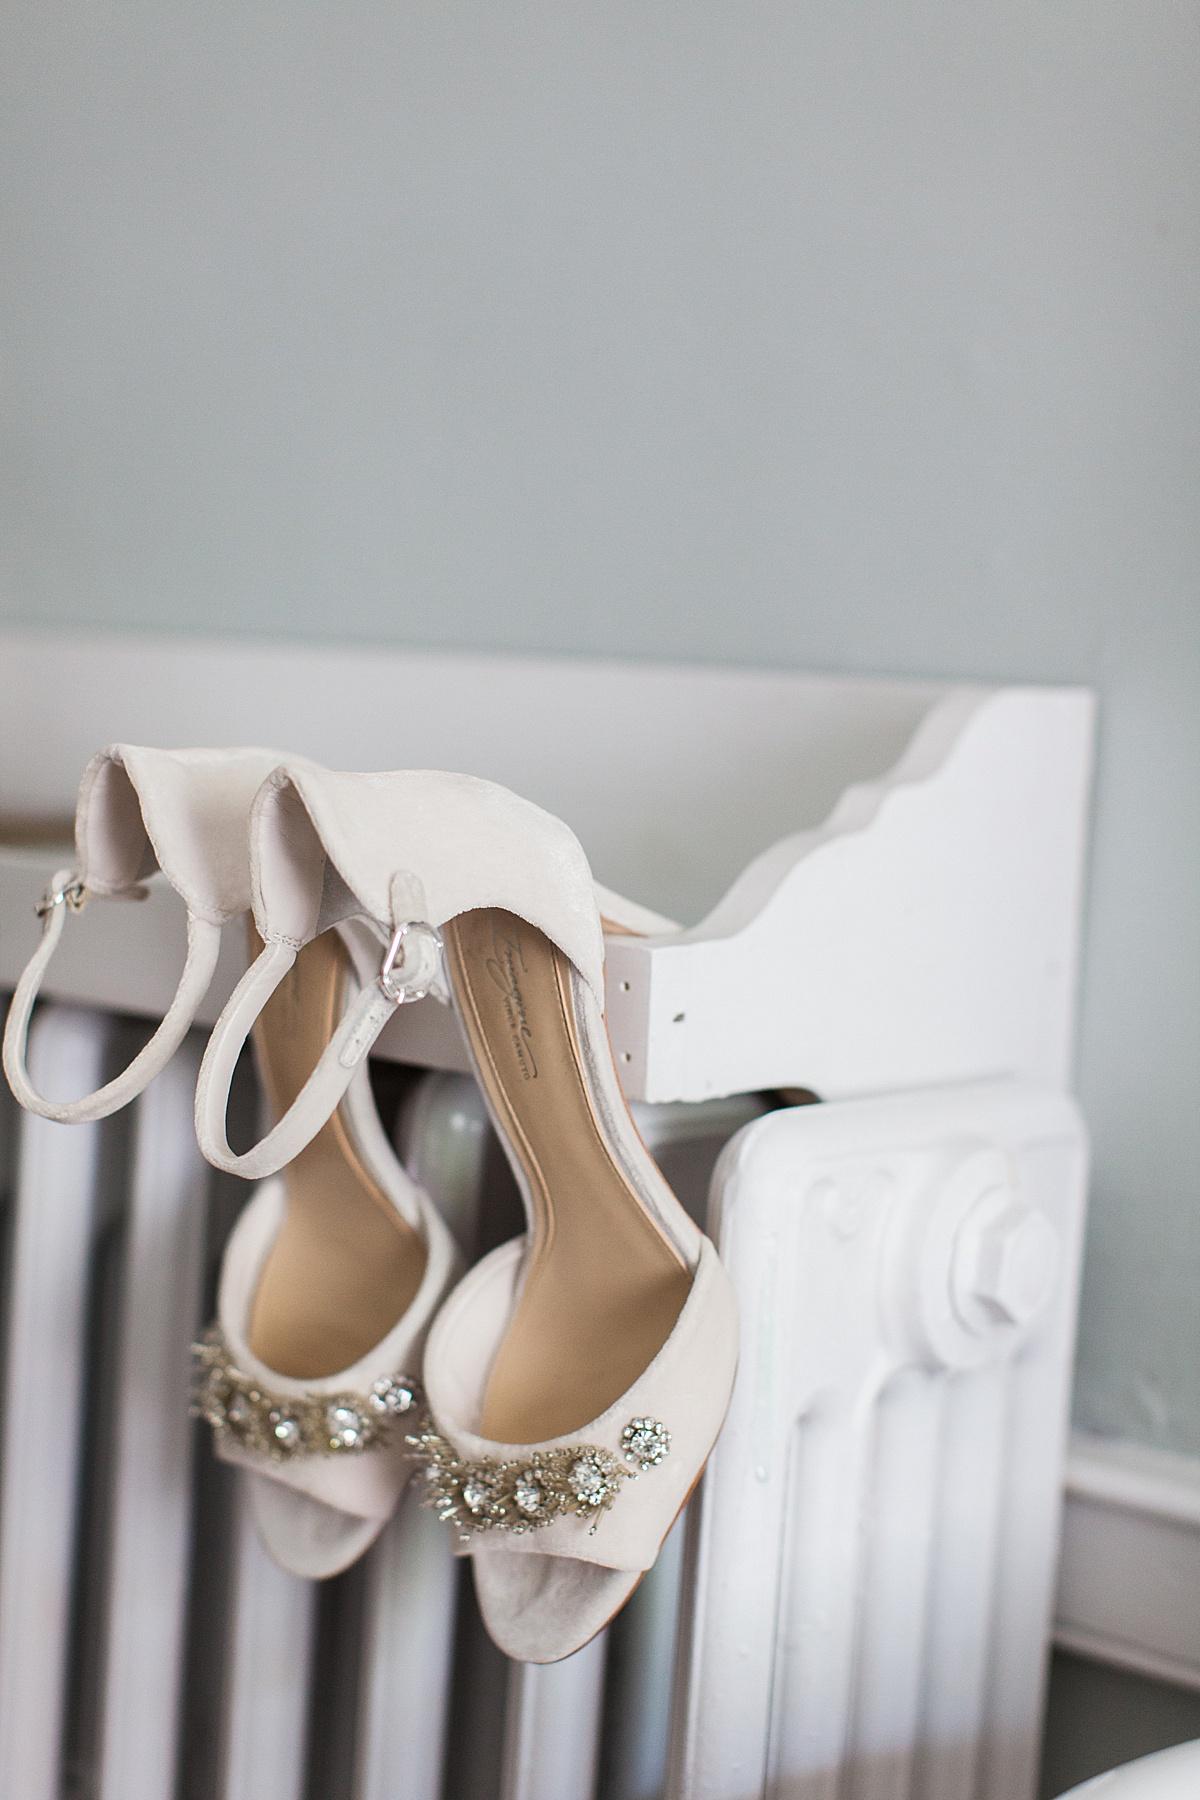 Wedding heels | Balls Falls, Ontario Wedding| Ontario Wedding Photographer| Toronto Wedding Photographer| 3Photography|3photography.ca